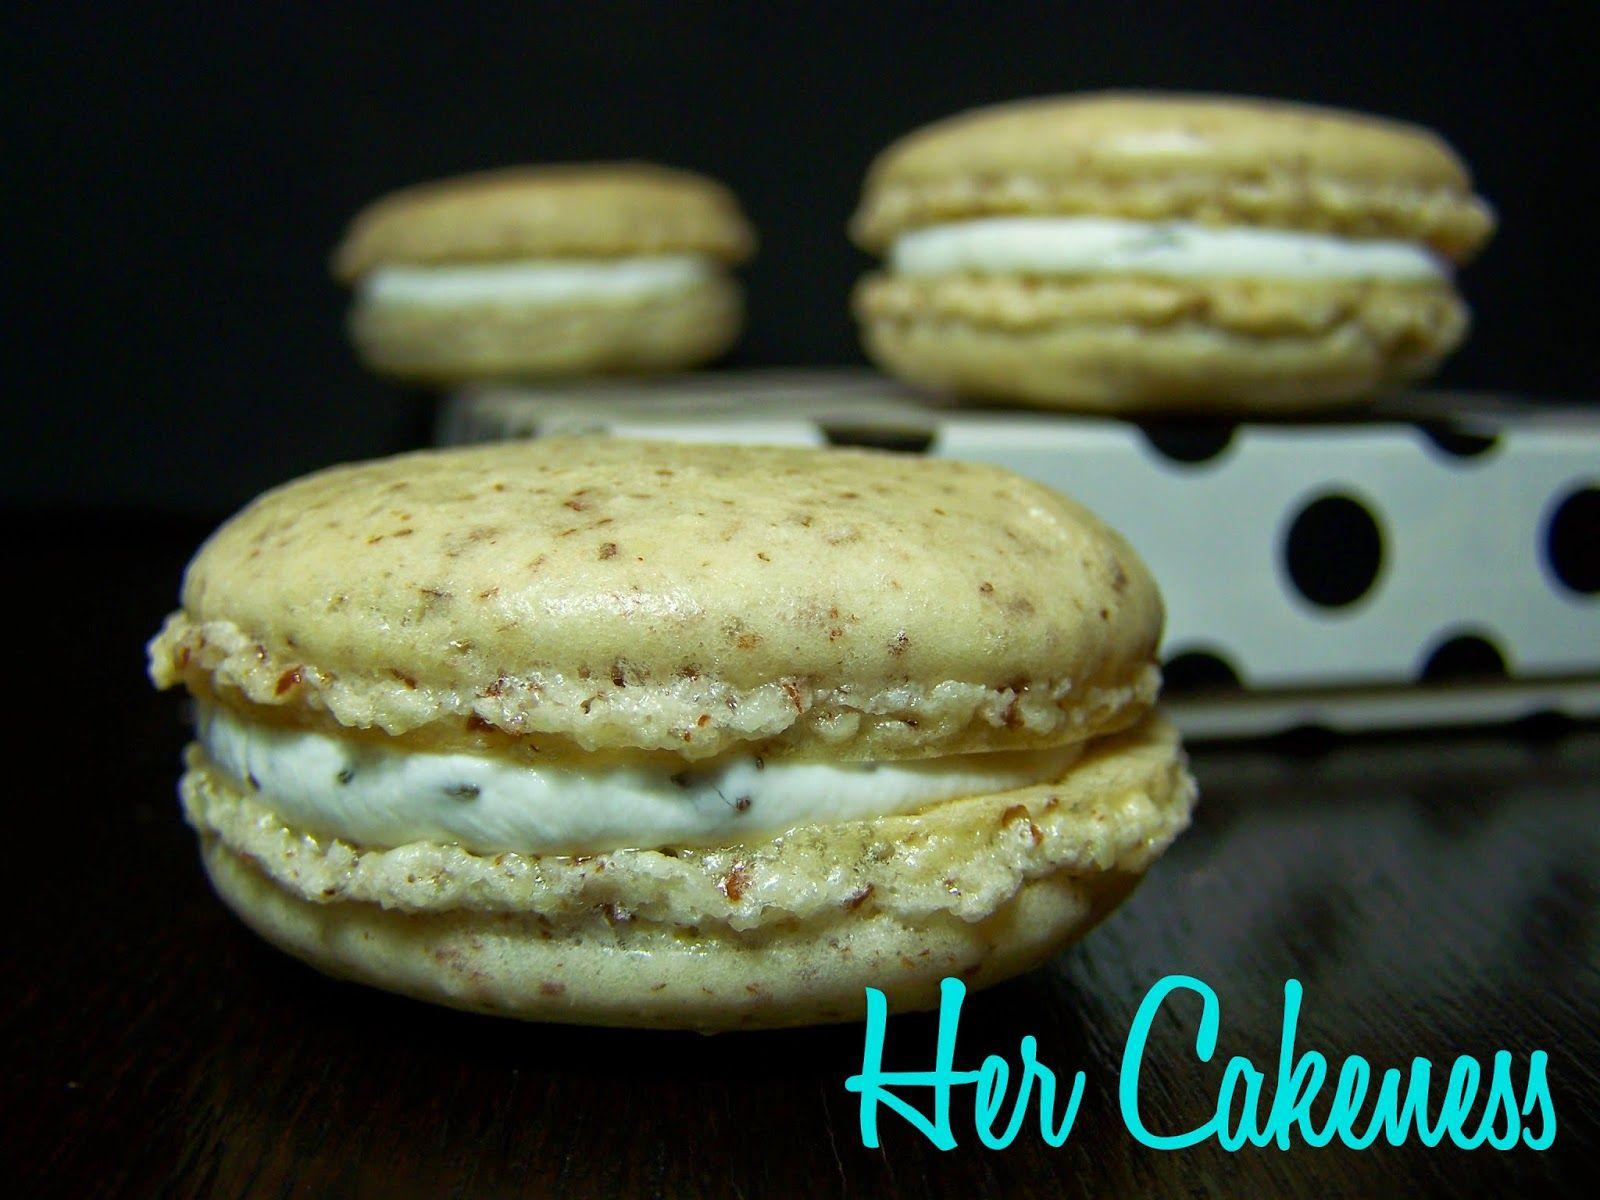 Her Cakeness: Macarons salés